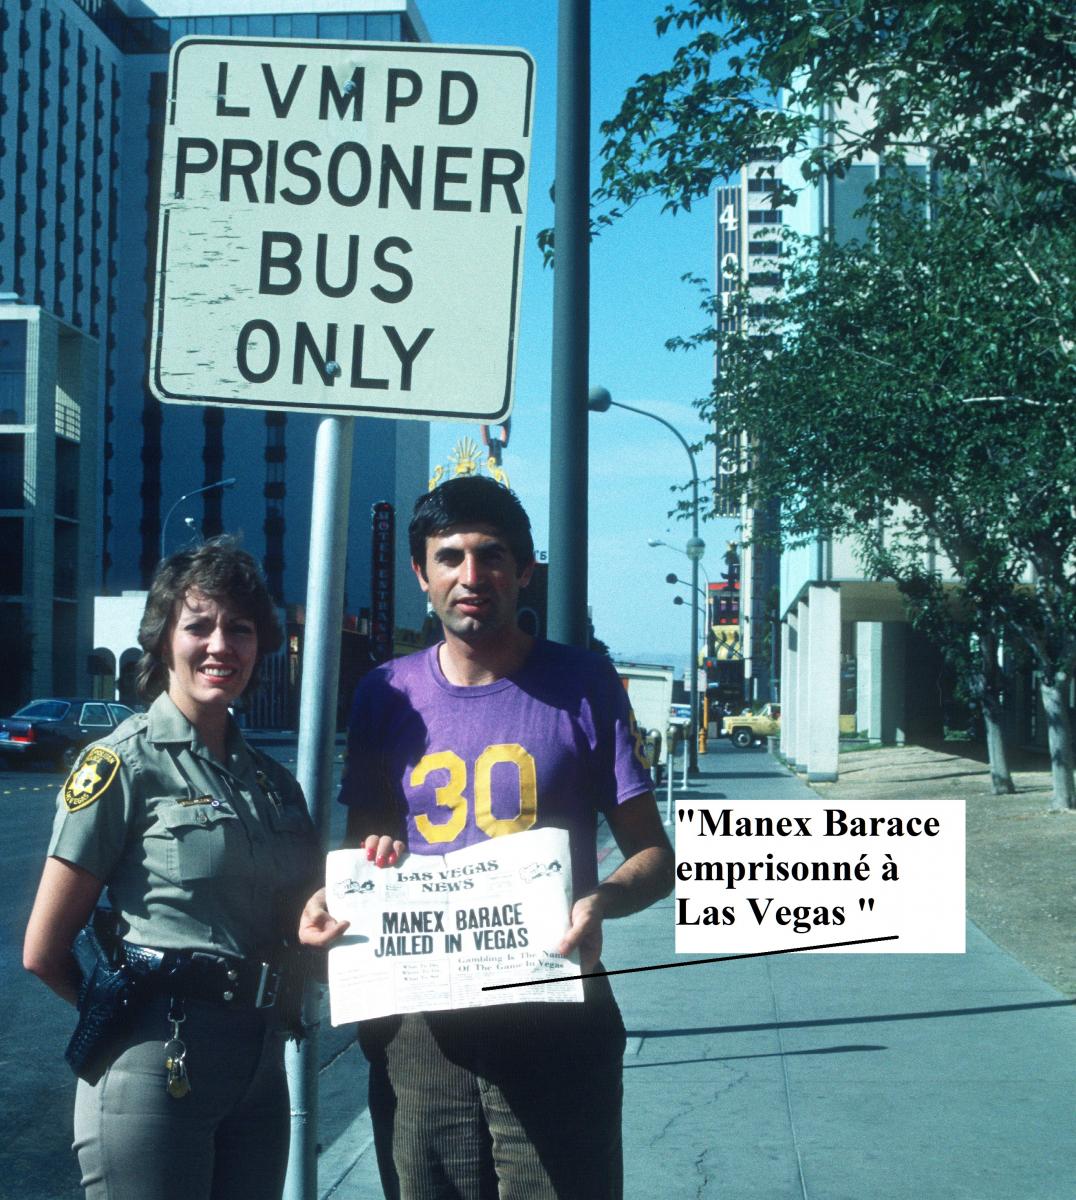 Jailed in Las Vegas! (2).jpg